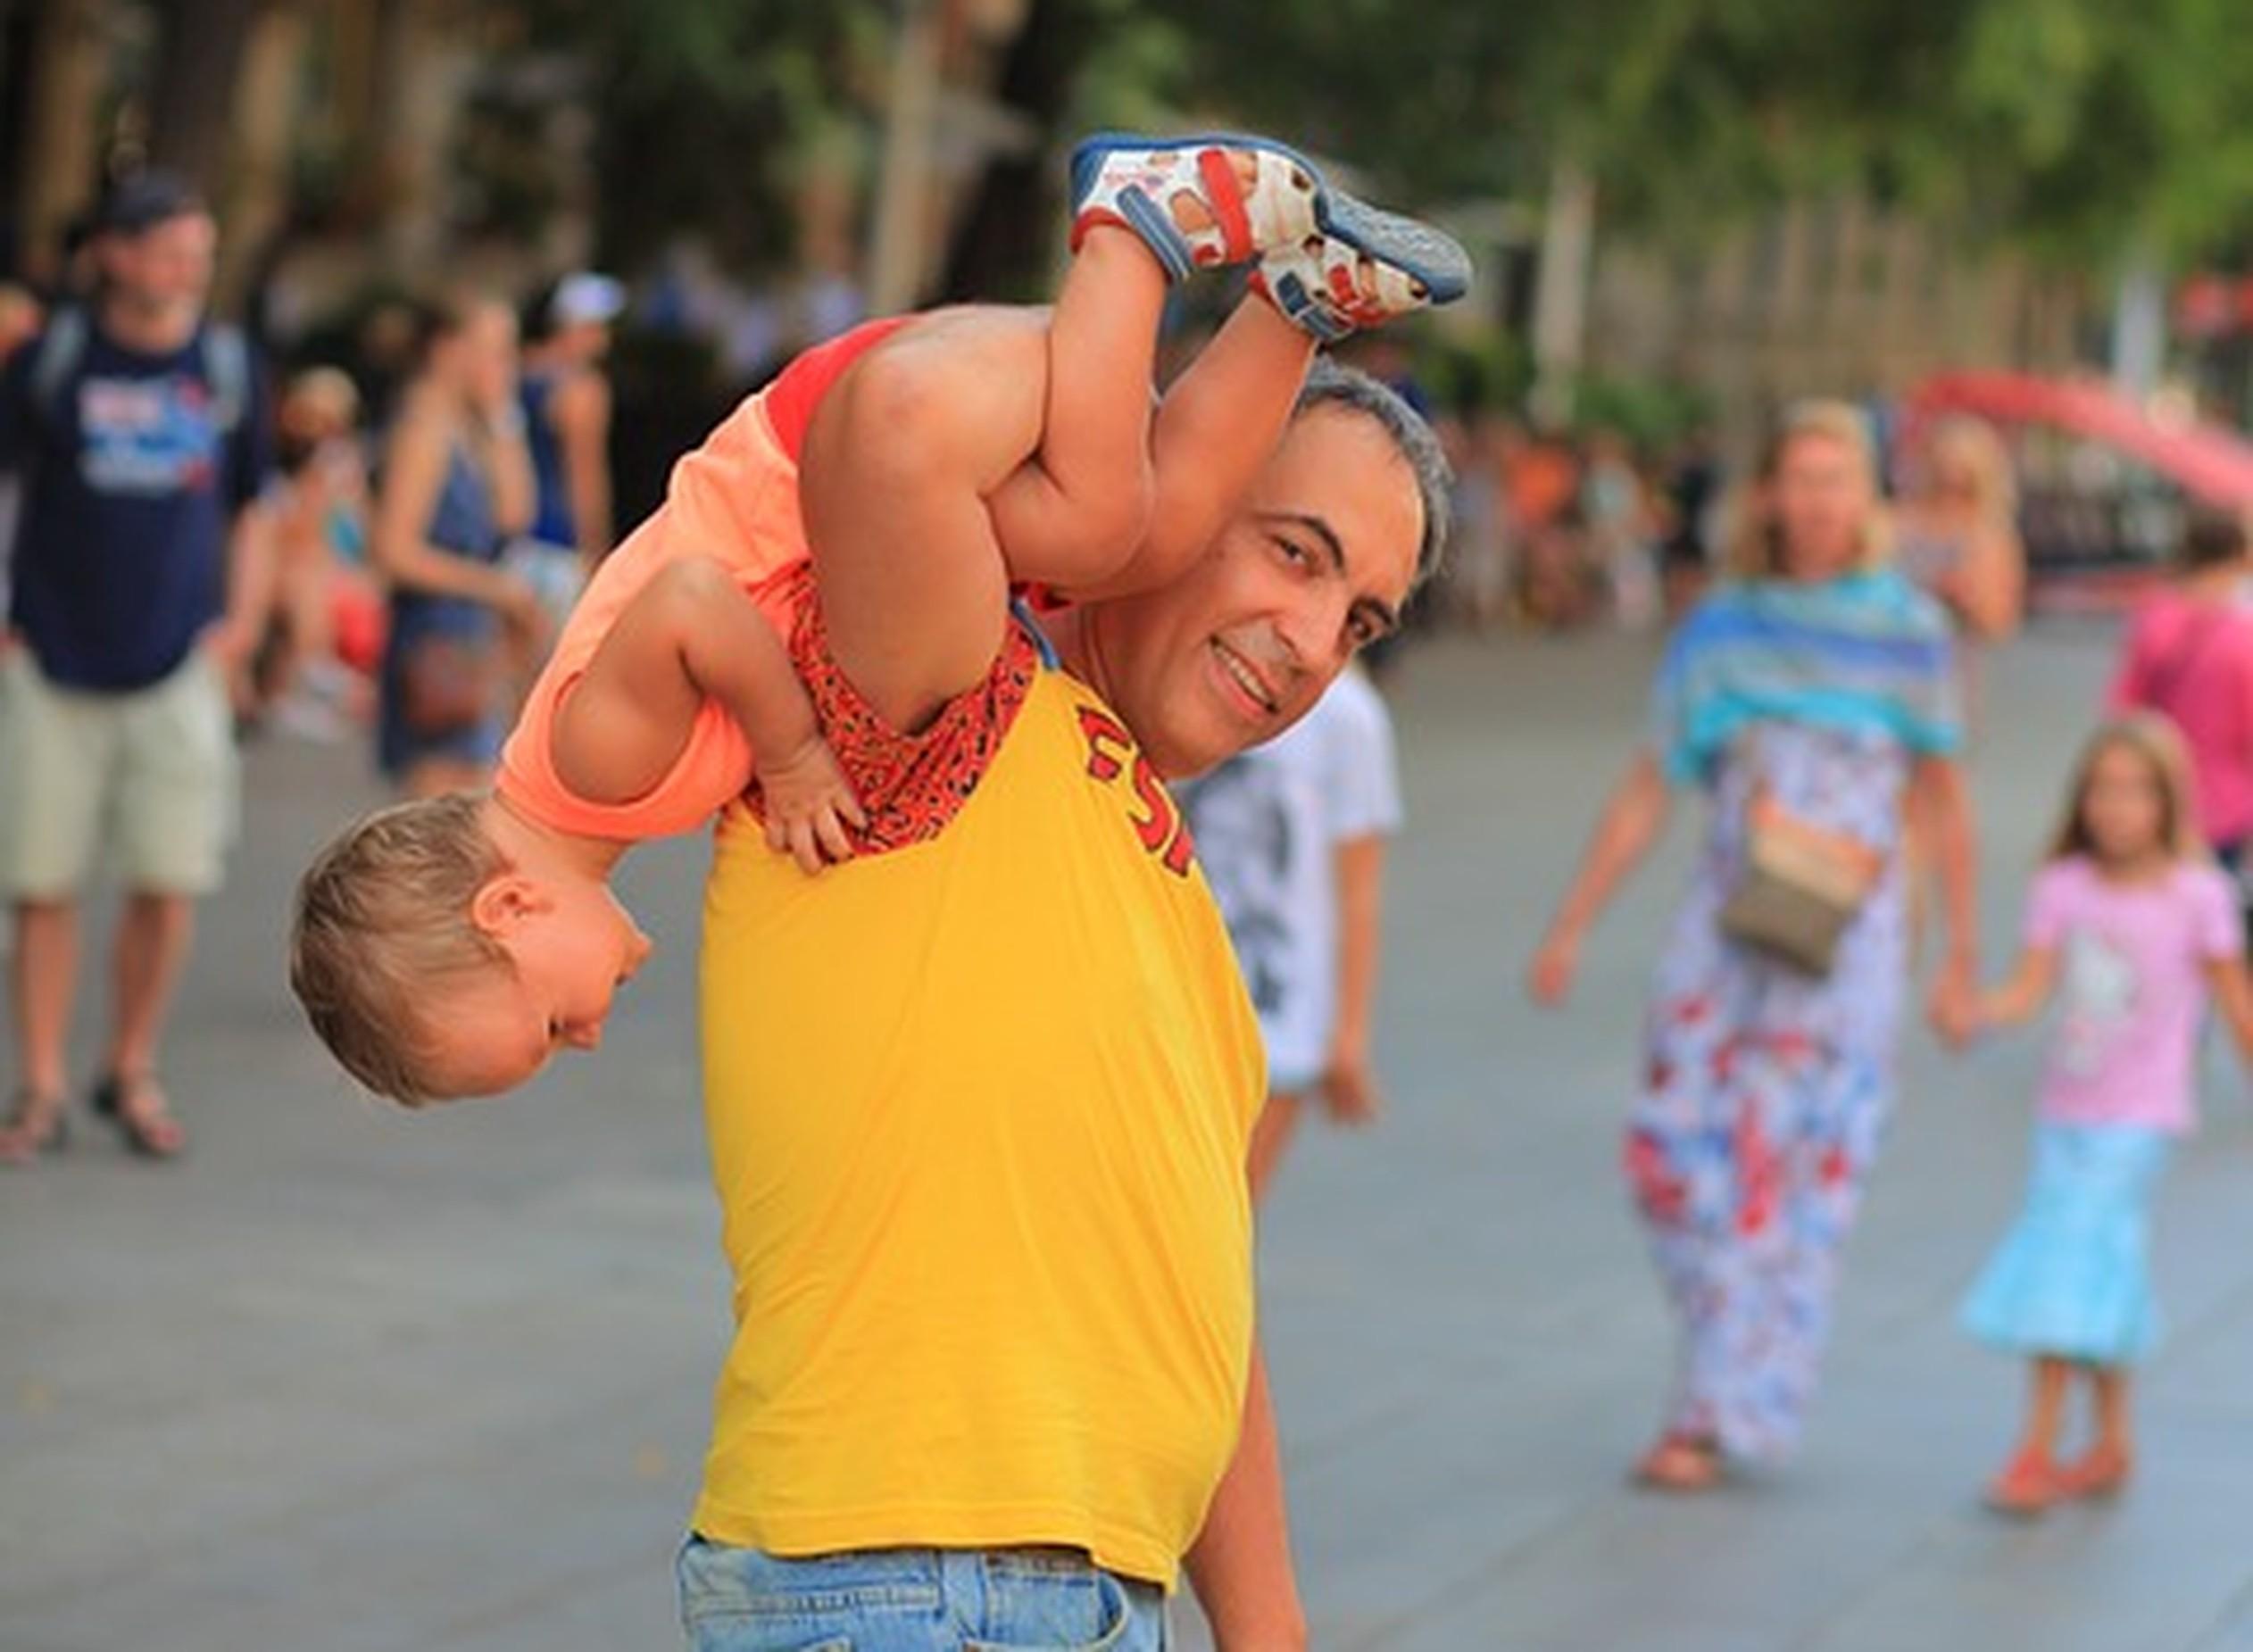 Espanha aumenta licença paternidade para 8 semanas - em 2021, serão 16